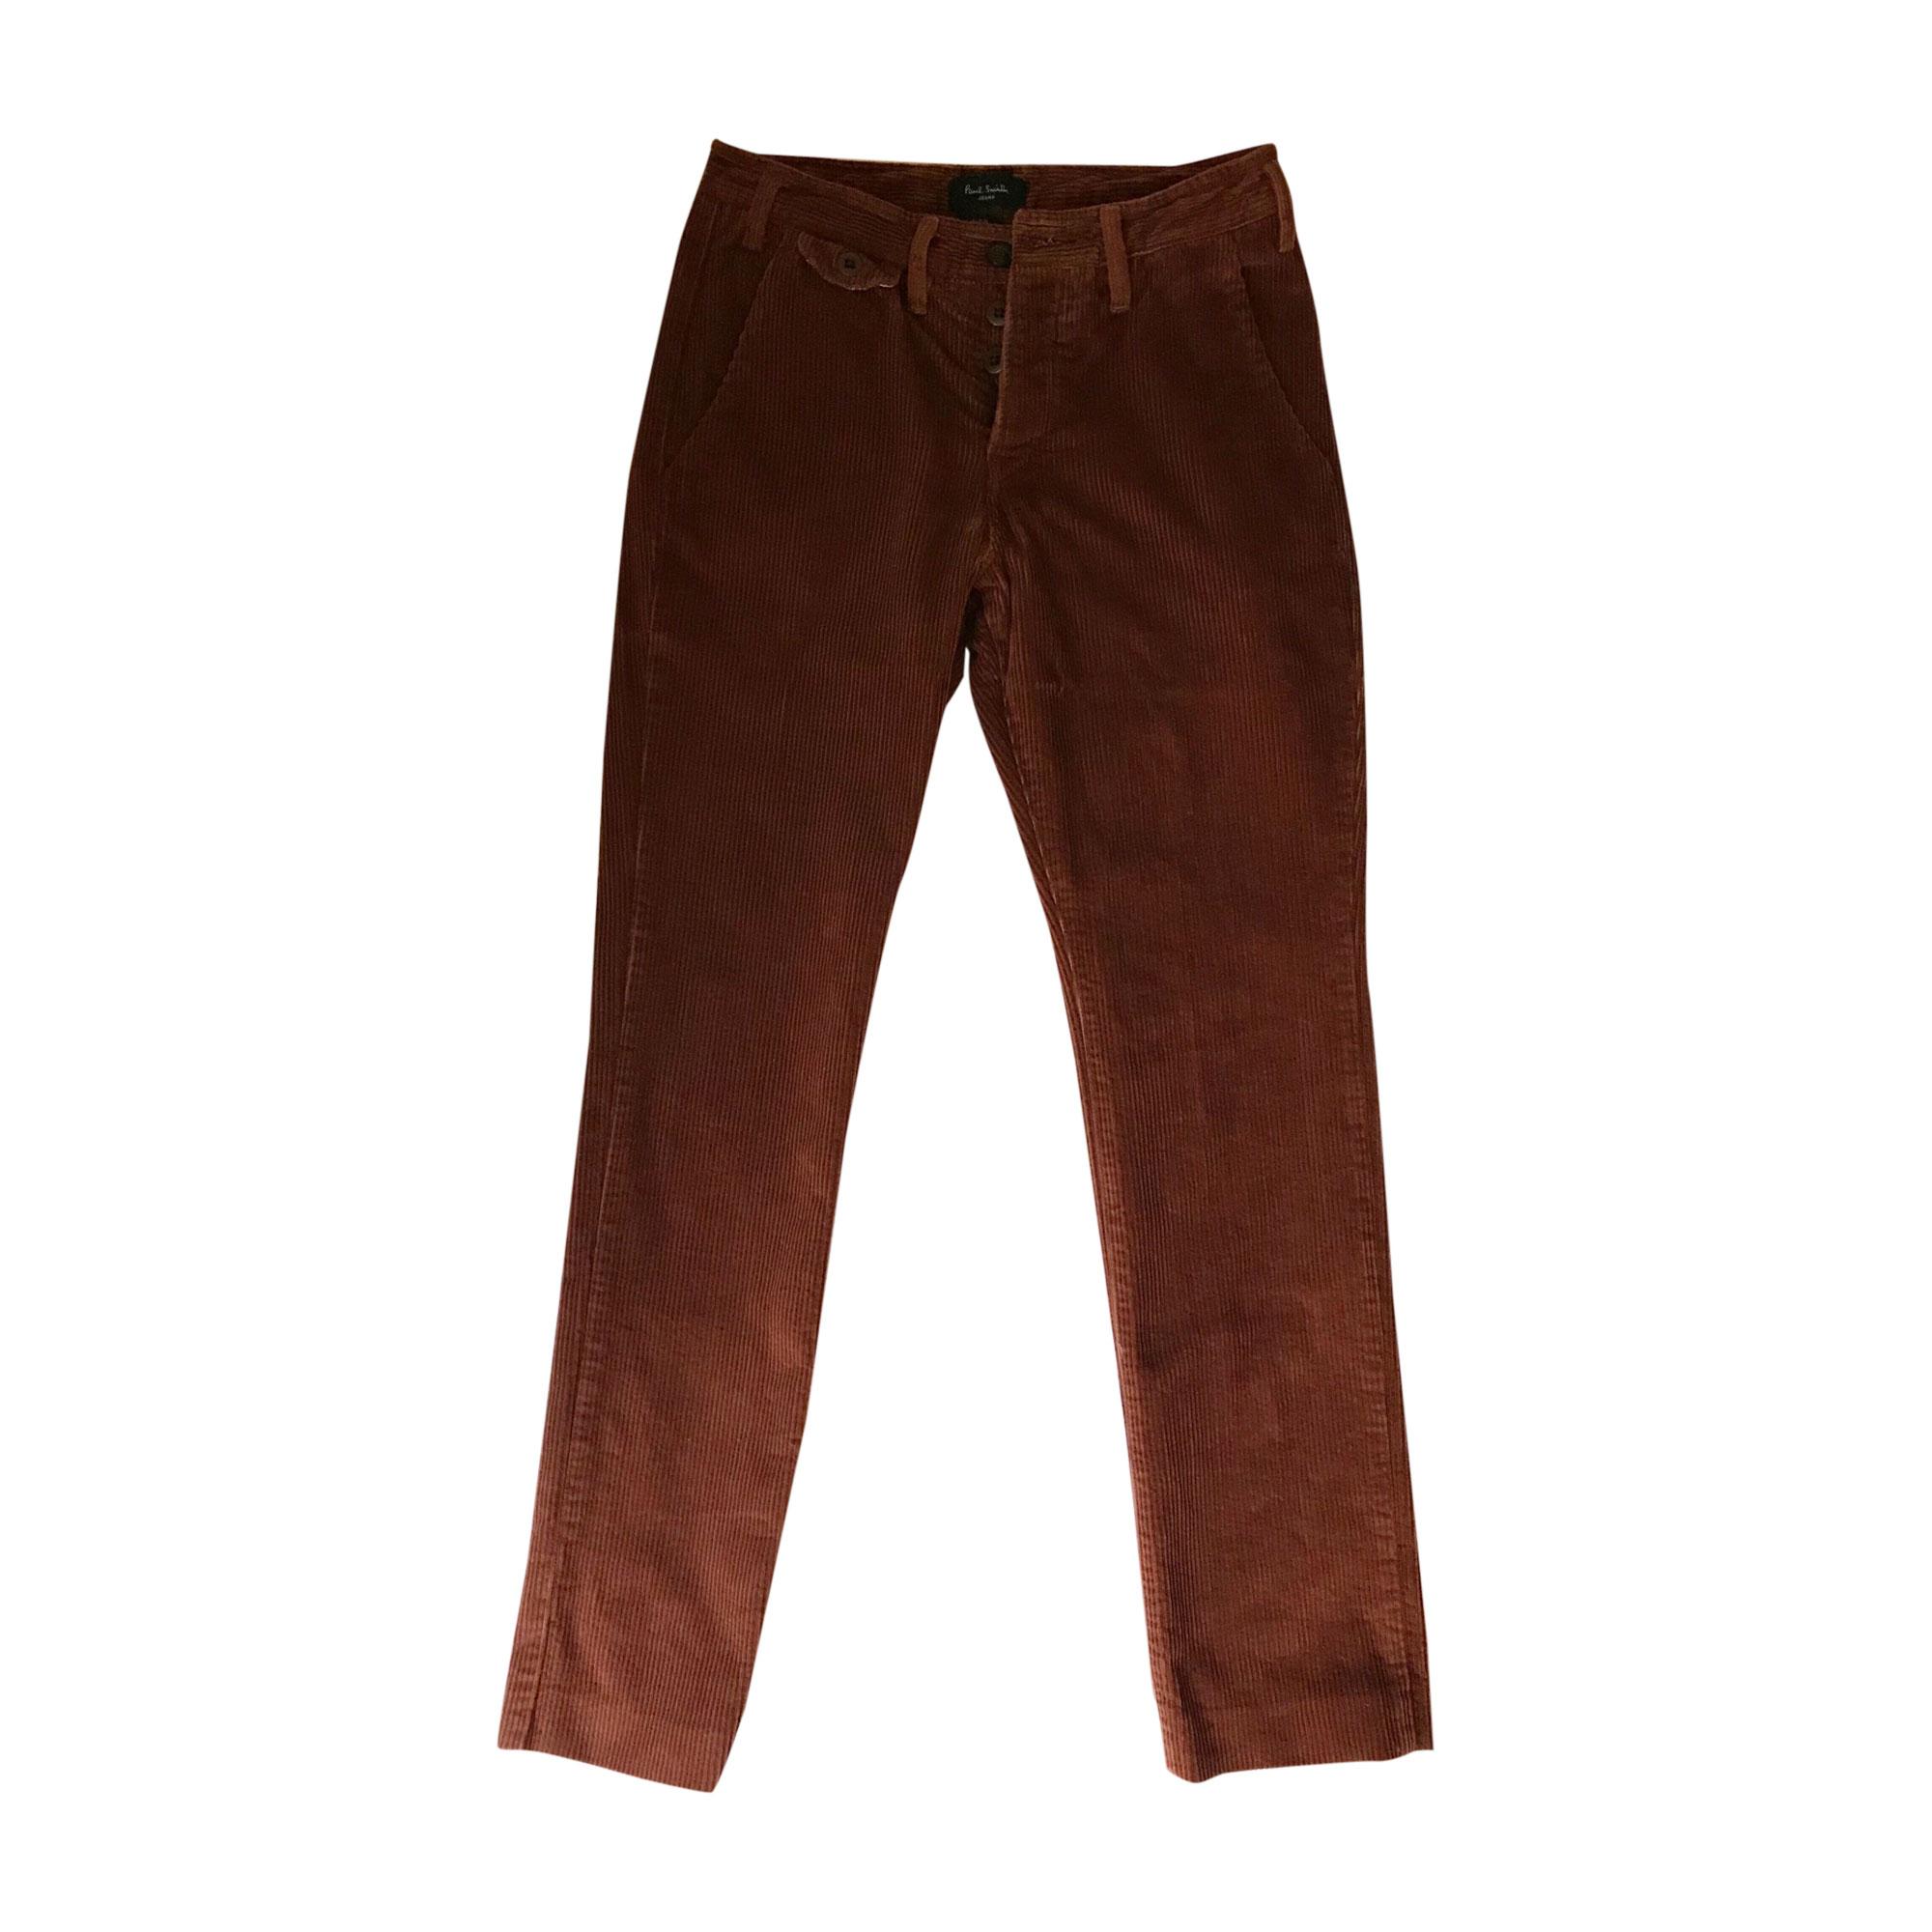 Pantalon slim PAUL SMITH Marron